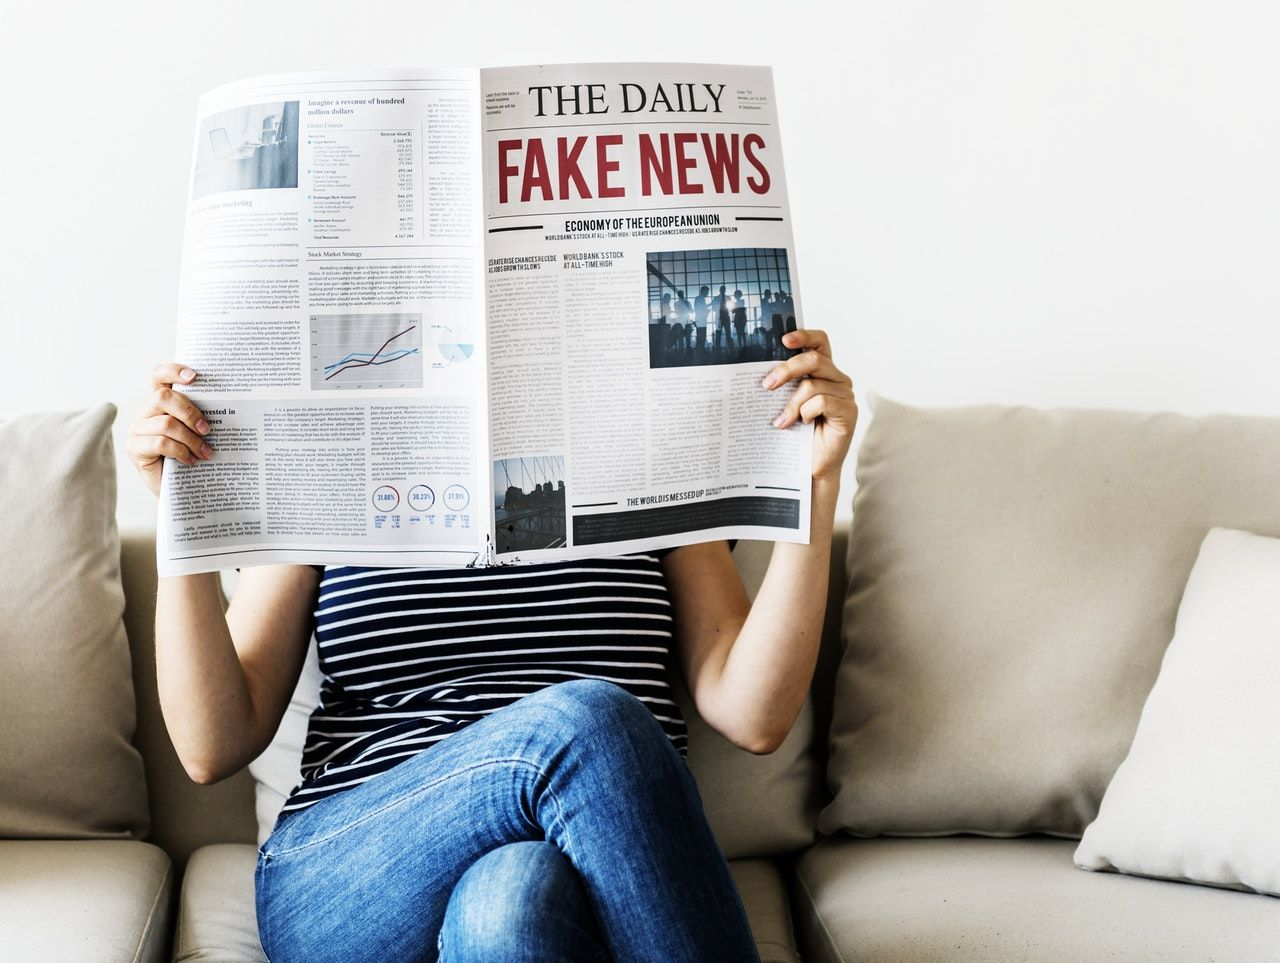 mulher segurando jornal com fake news